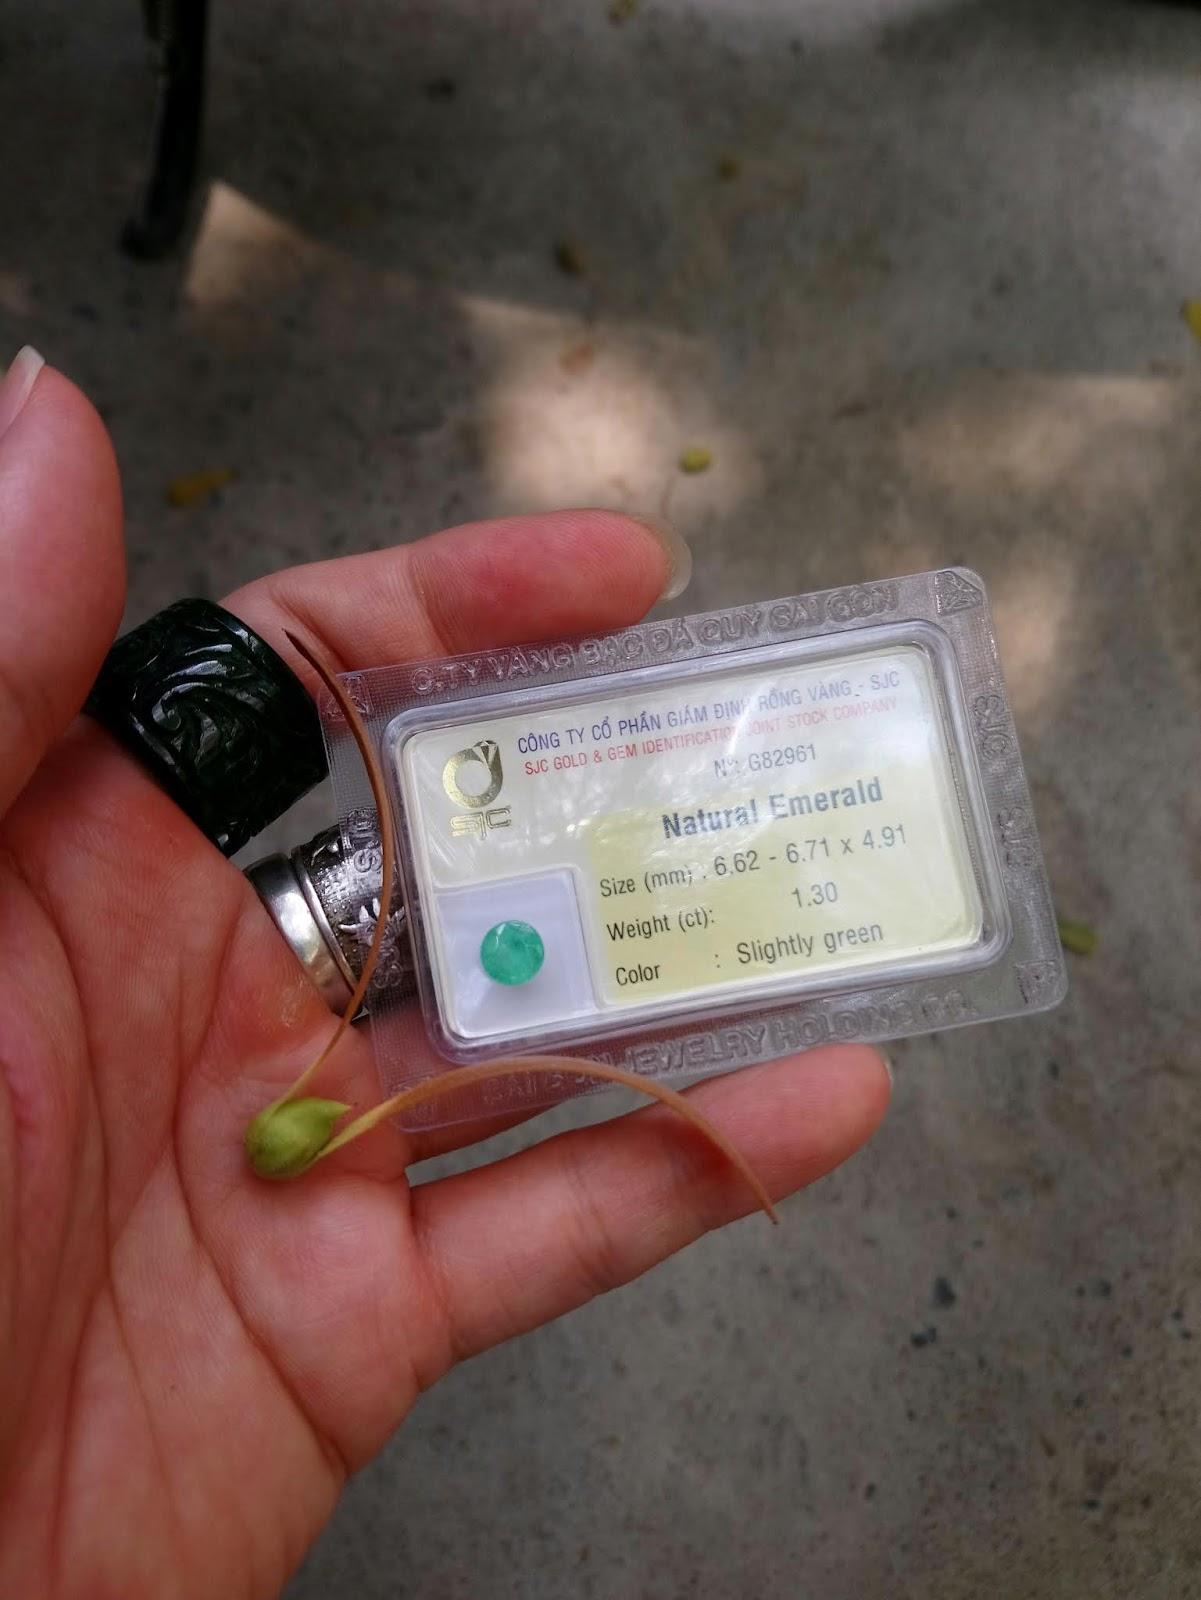 Đá quý Ngọc Lục Bảo thiên nhiên, Natural Emerald giác tròn chất ngọc xanh chuẩn( 11/04/20, 04 )